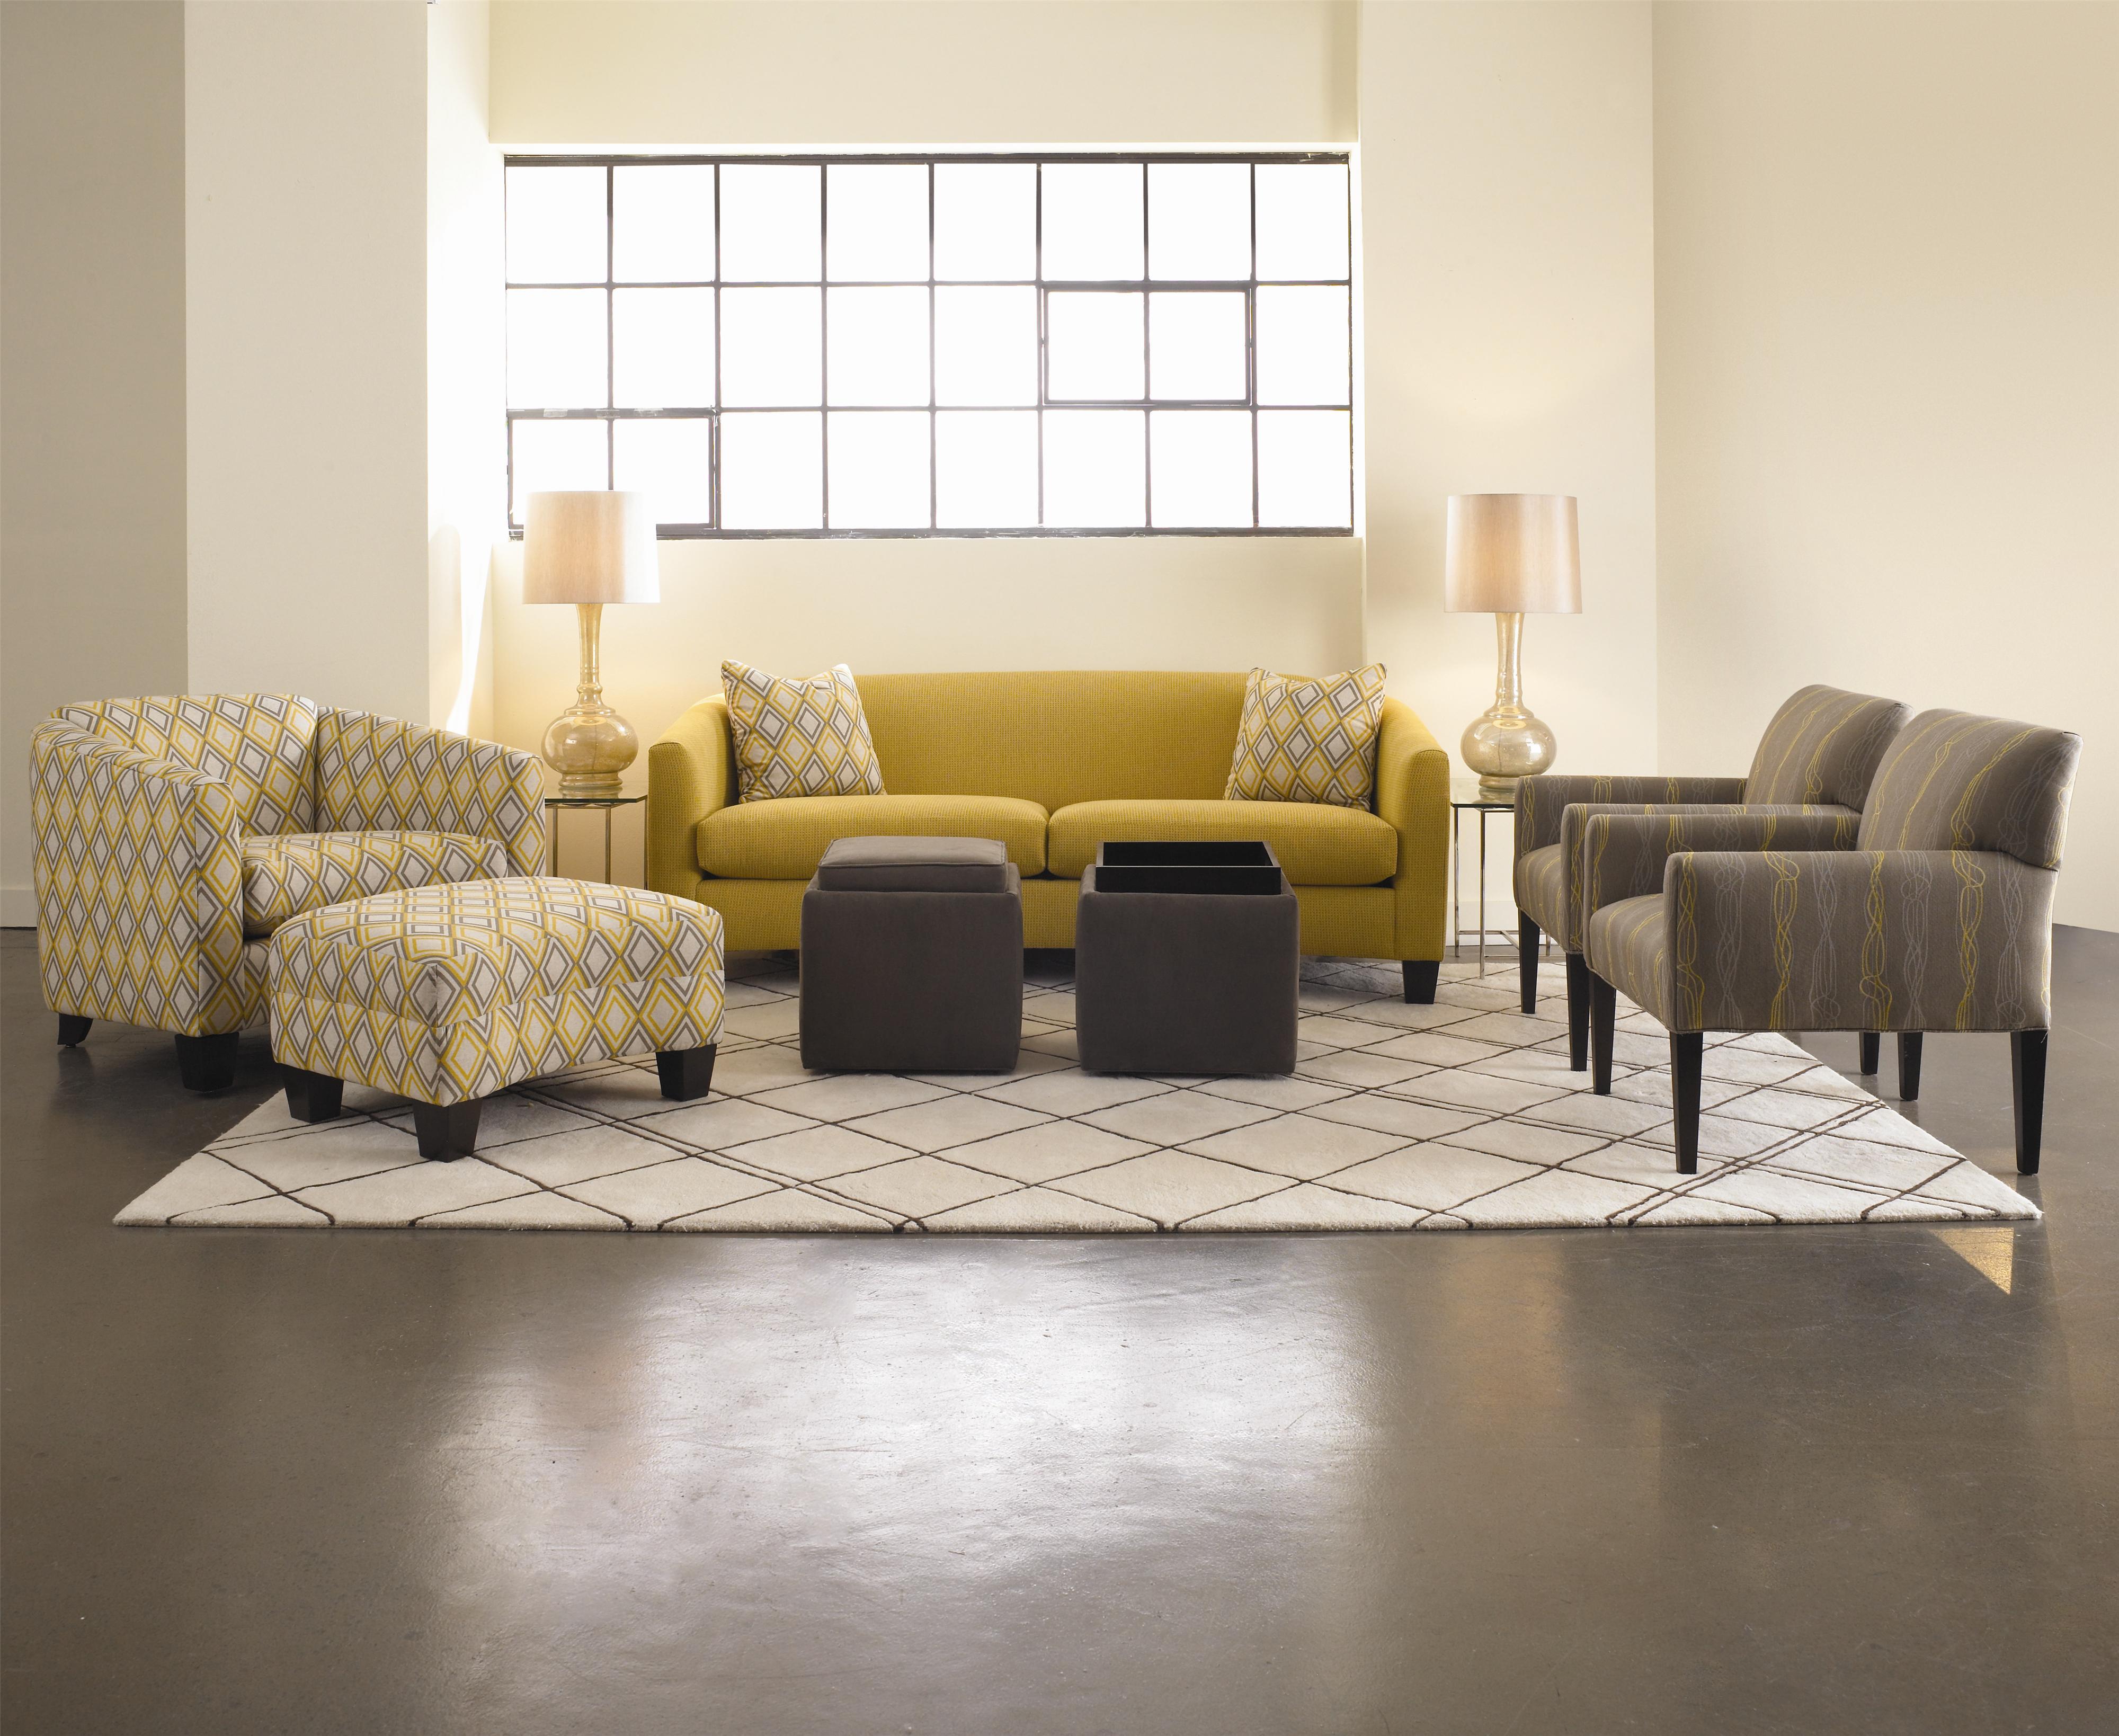 Easley K700 By Rowe Steger S Furniture Rowe Easley